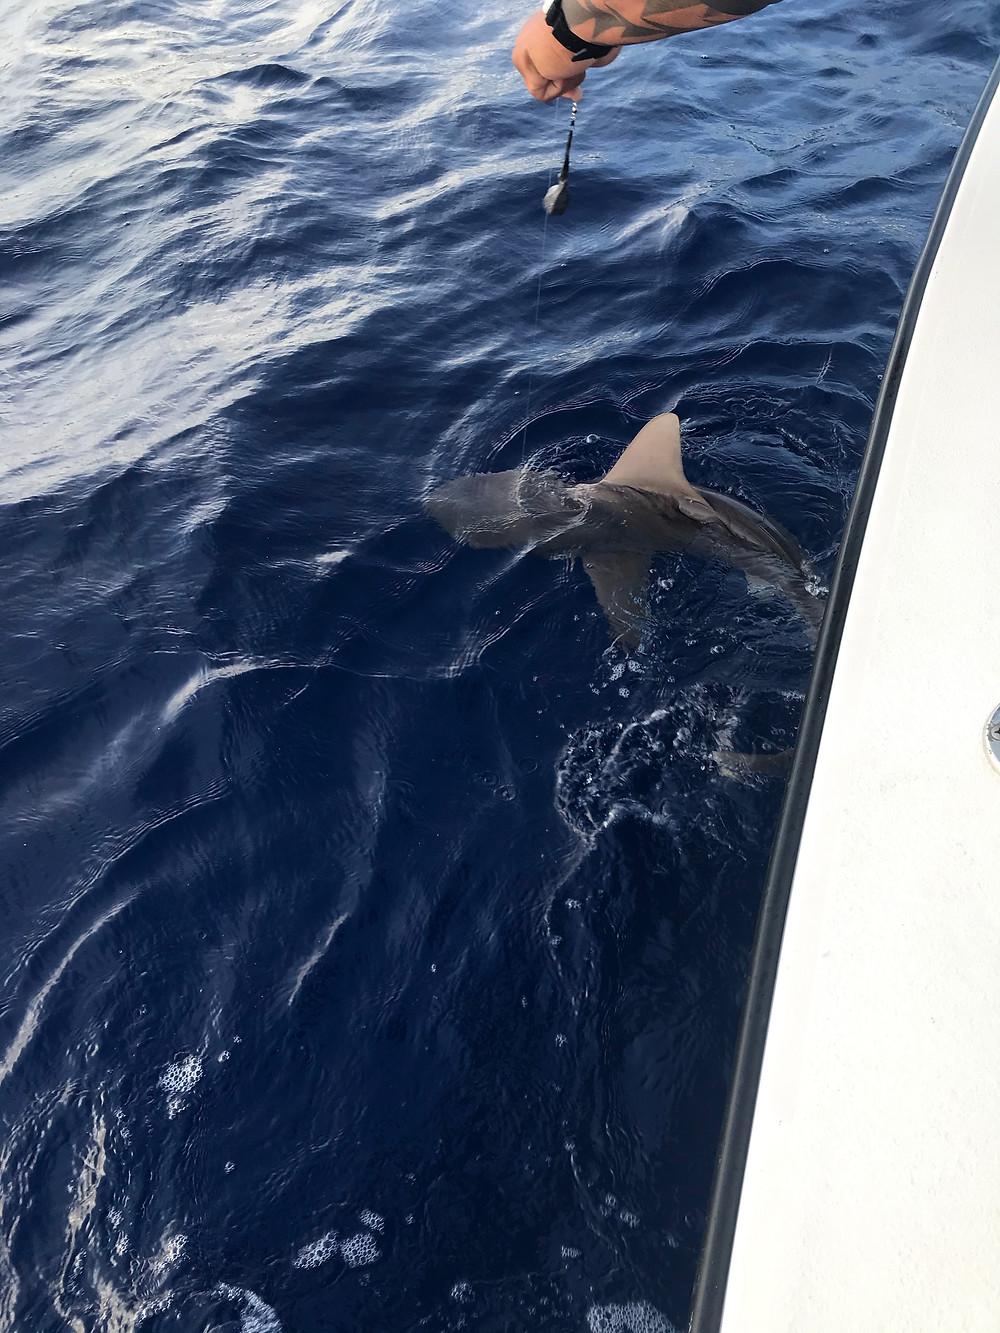 Bill Matthews Outdoors, Catching Sharks in Hawaii